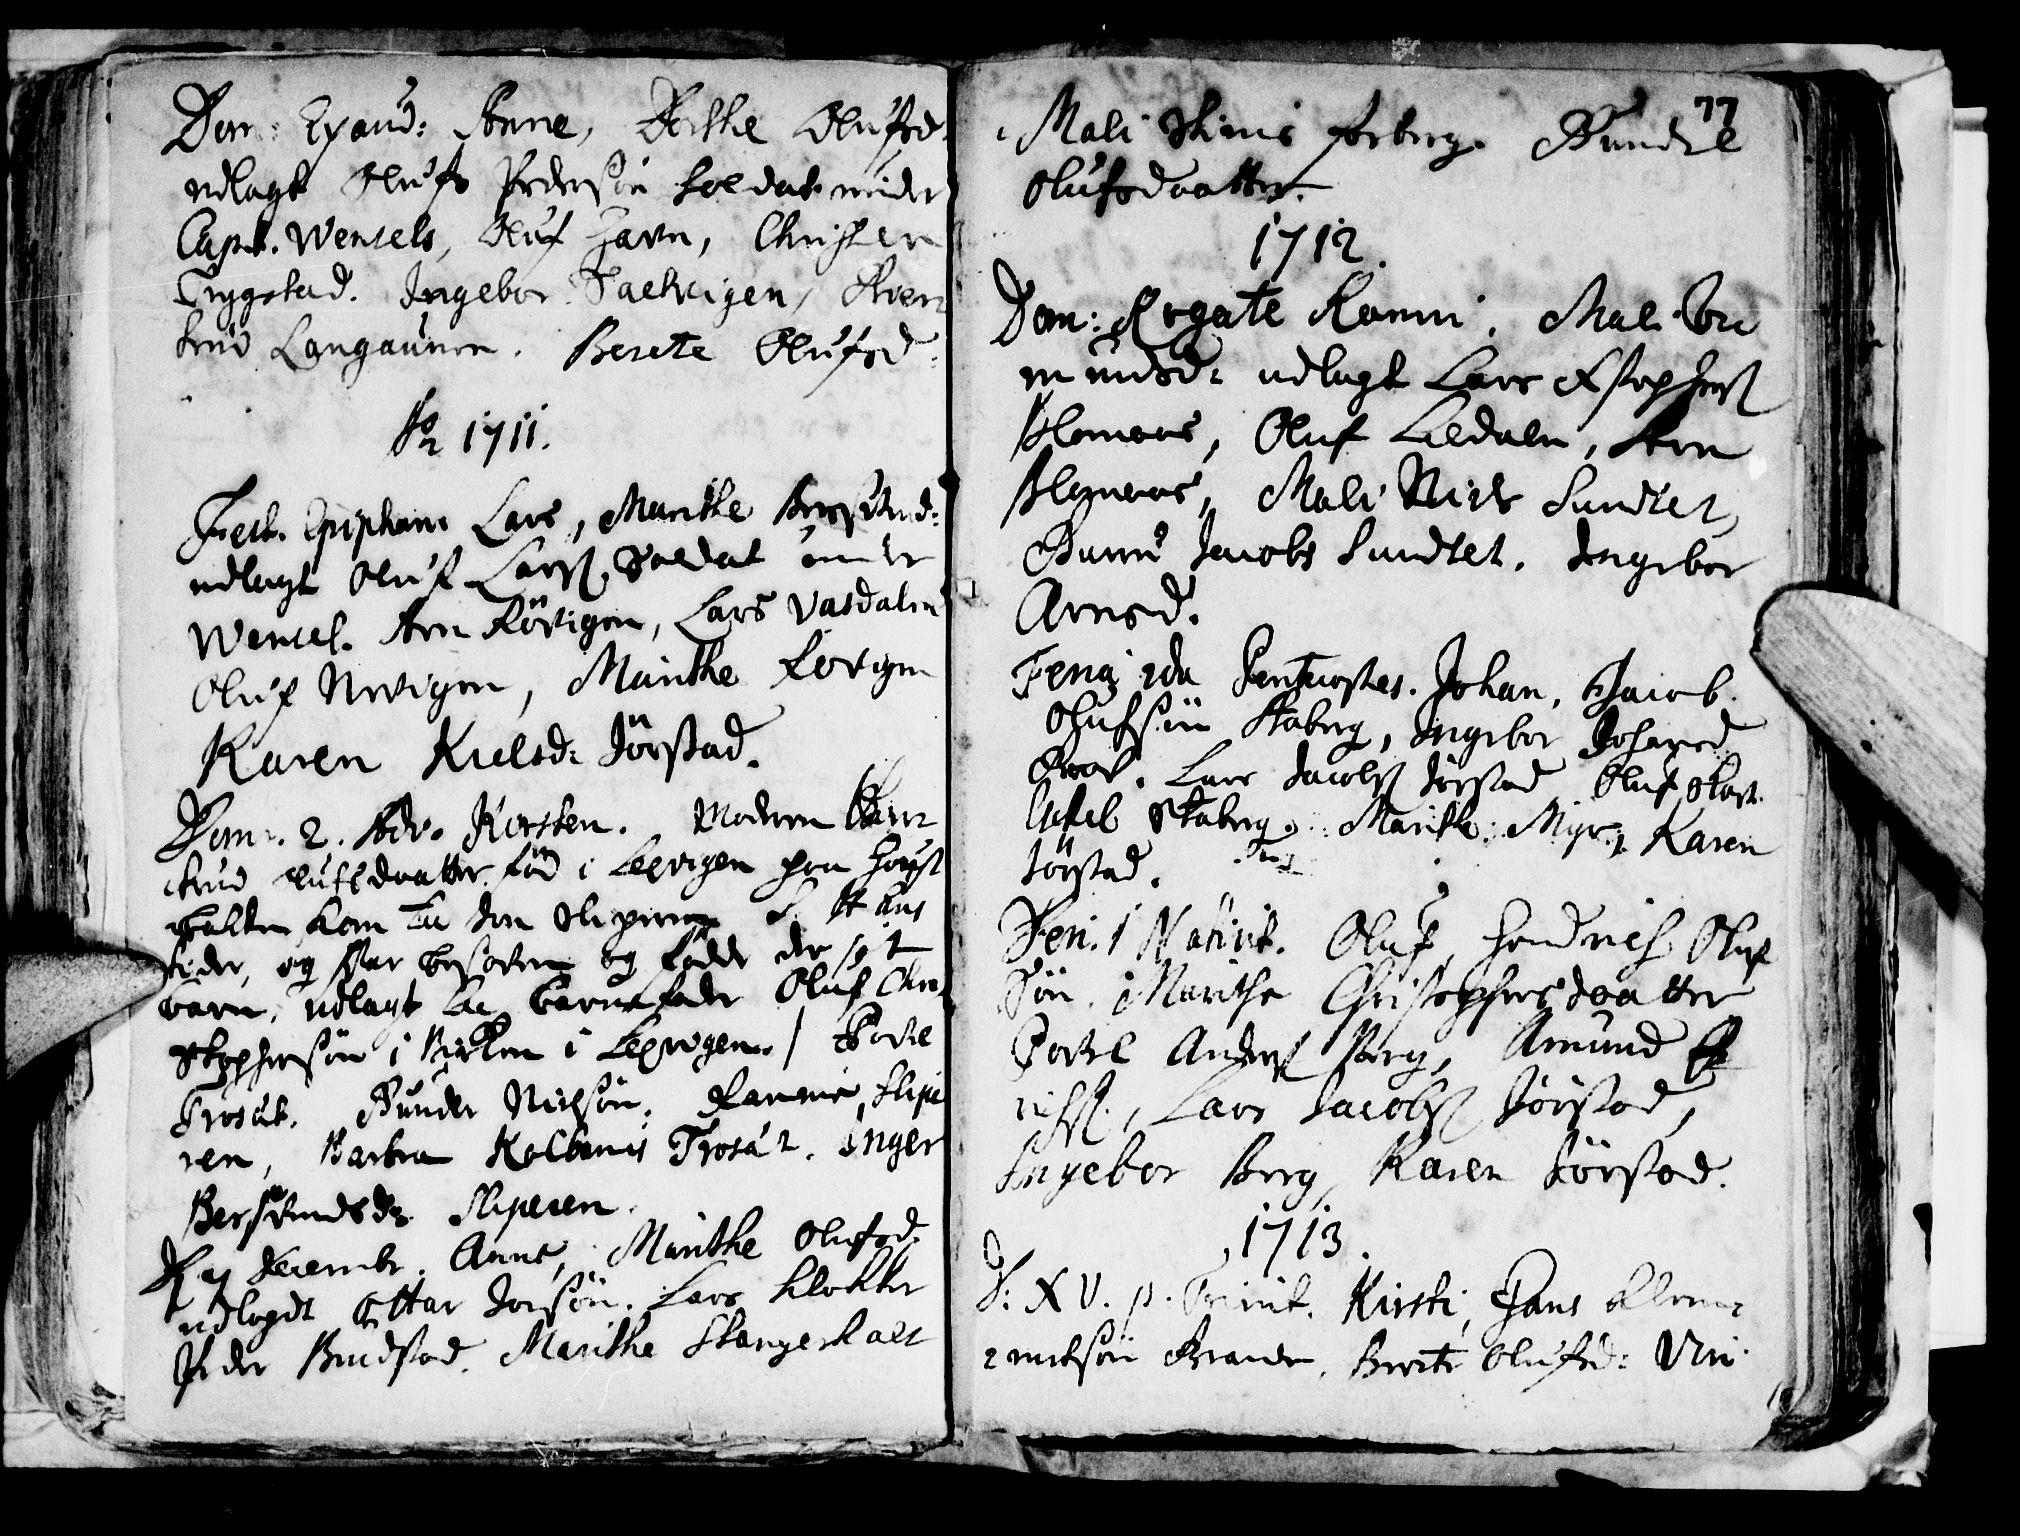 SAT, Ministerialprotokoller, klokkerbøker og fødselsregistre - Nord-Trøndelag, 722/L0214: Ministerialbok nr. 722A01, 1692-1718, s. 77